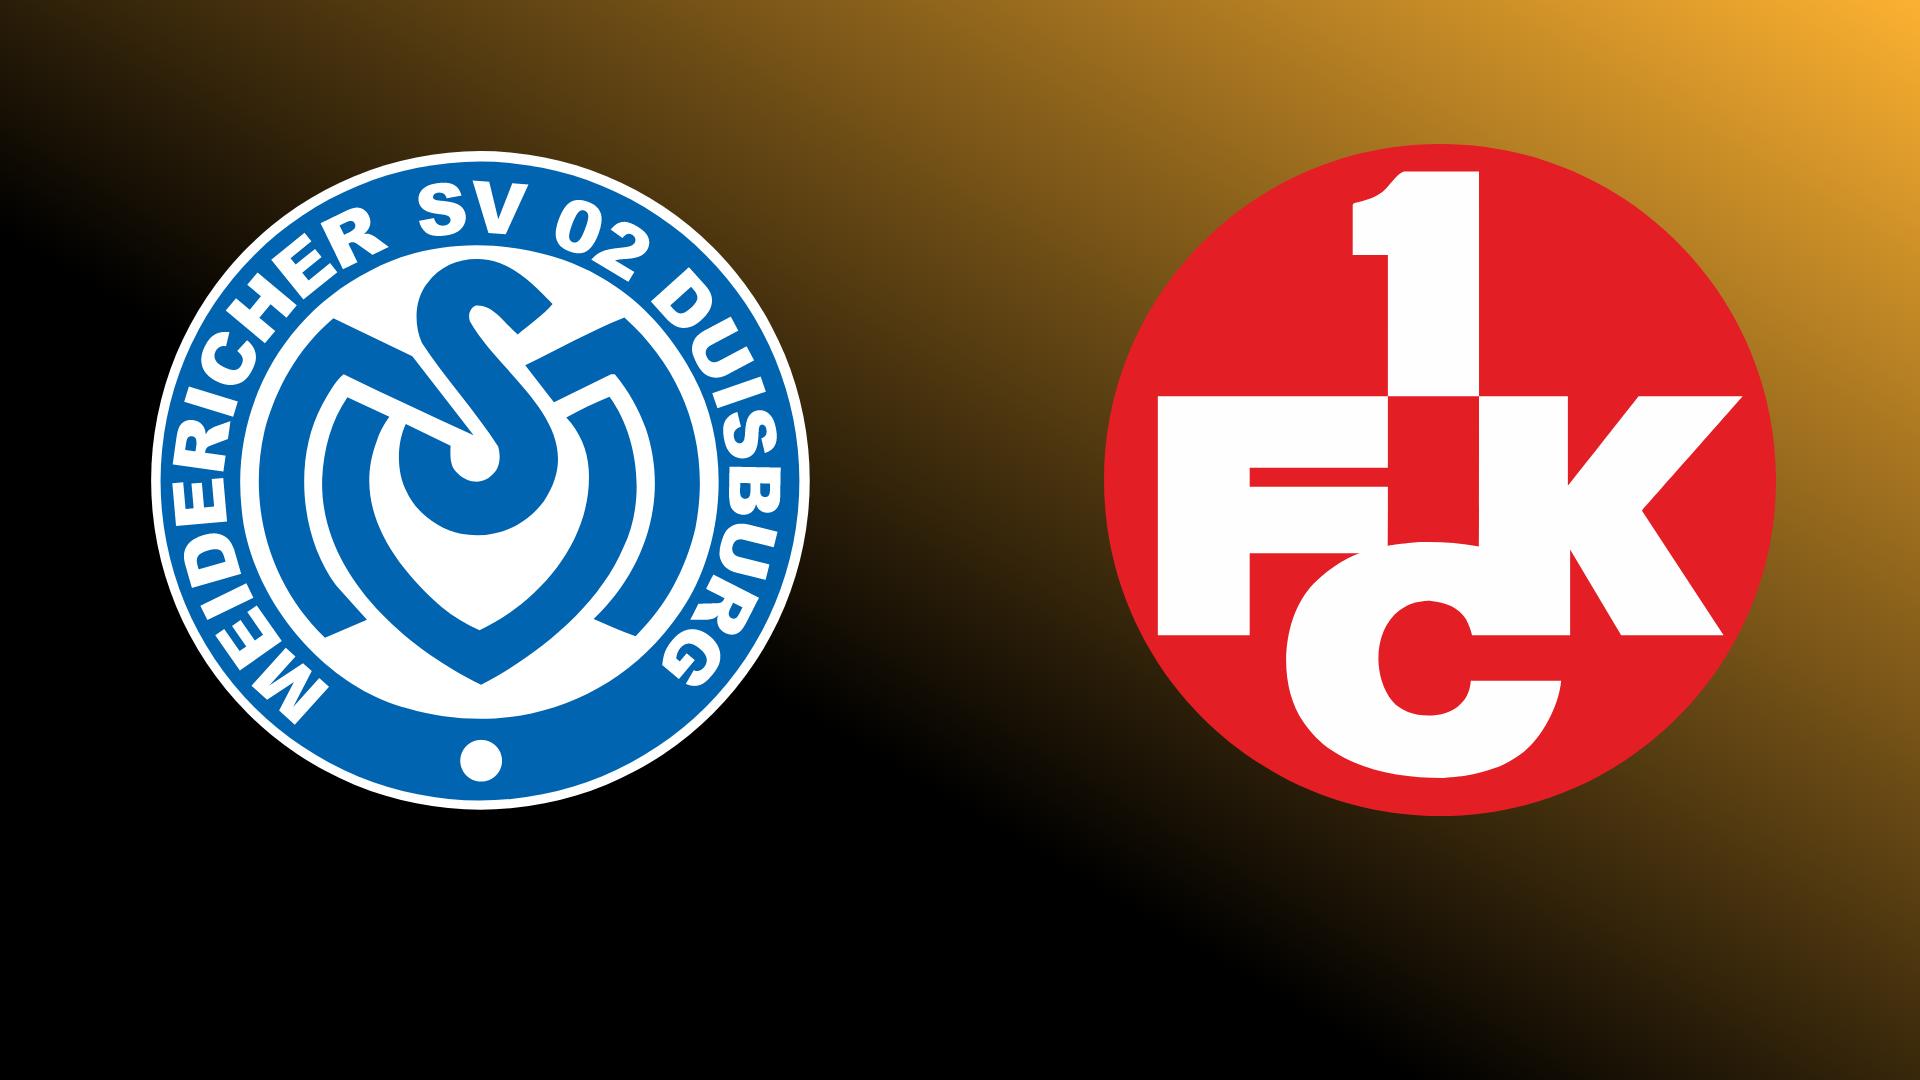 MSV Duisburg - 1. FC Kaiserslautern 25.10.2021 um 18:45 Uhr auf Magenta Sport